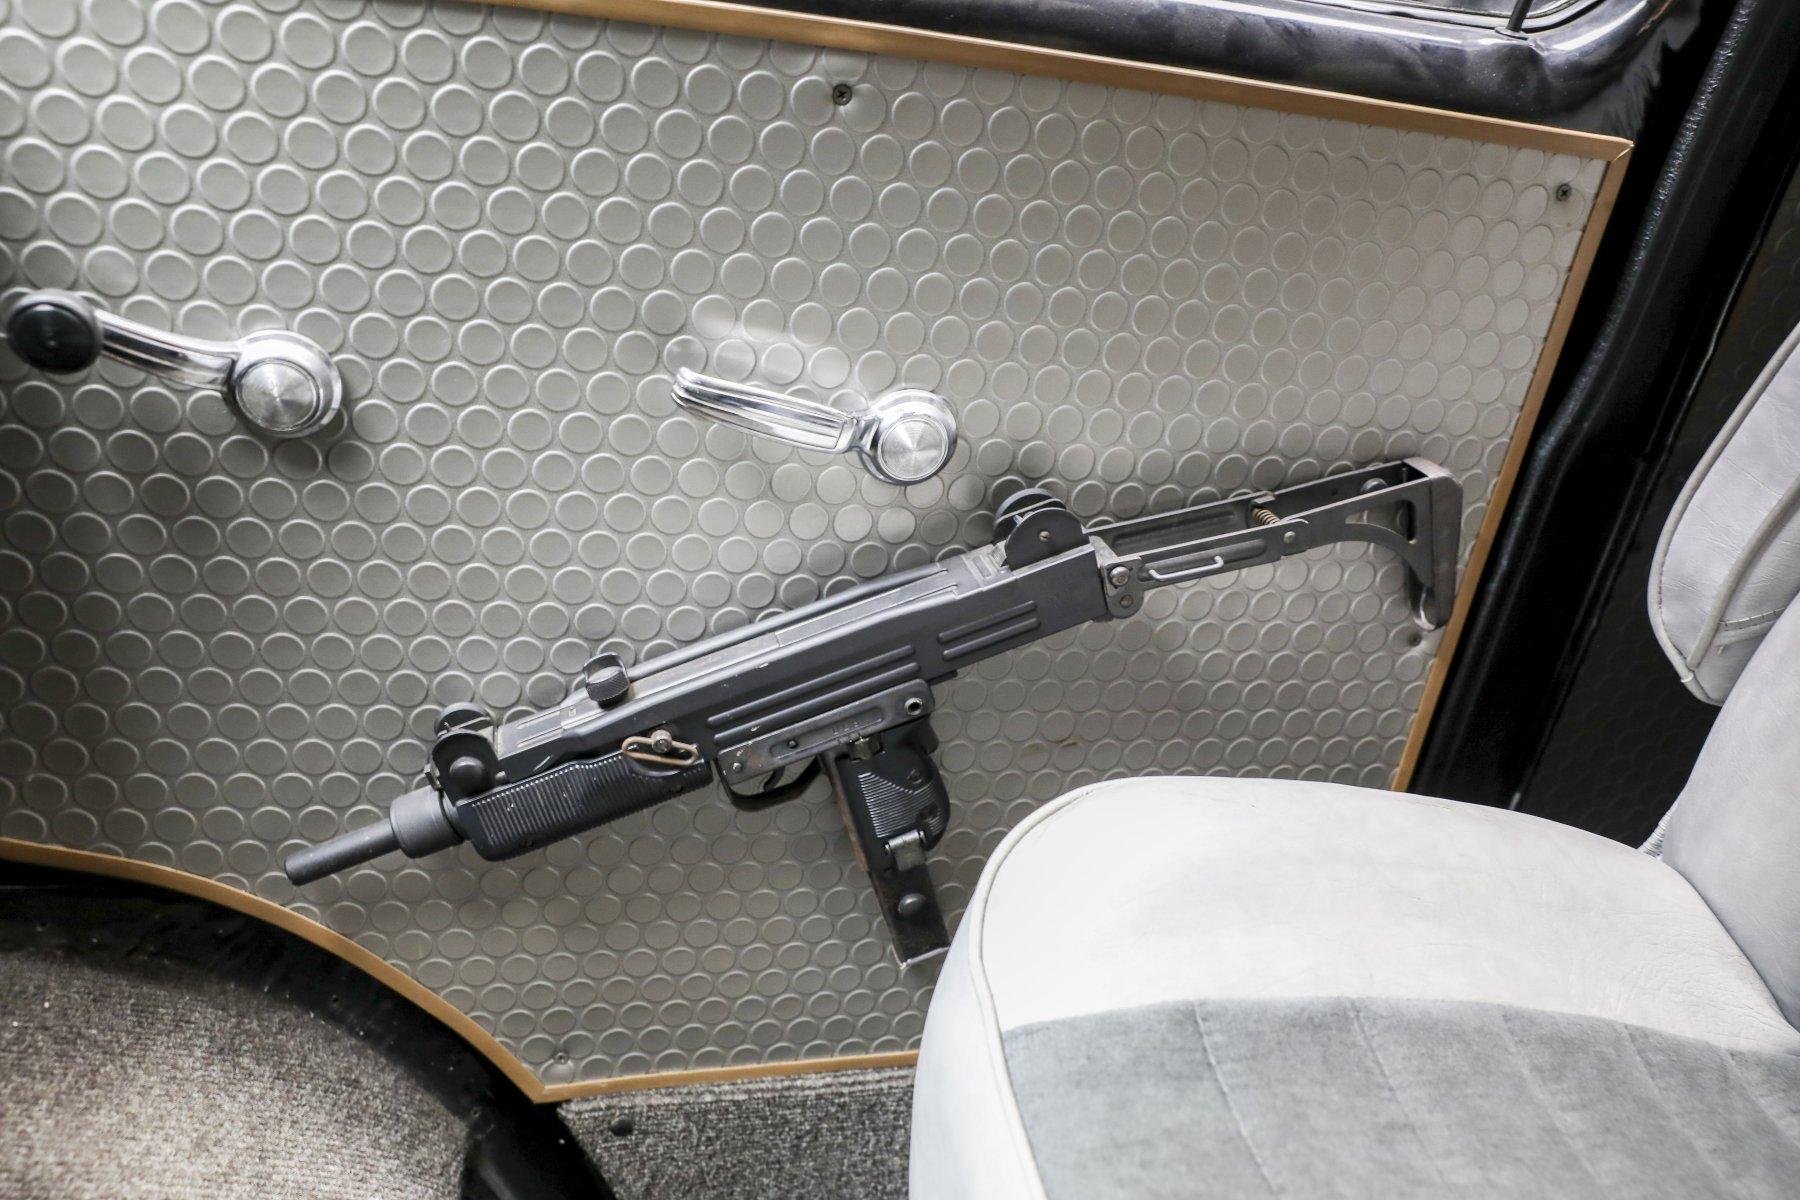 A-Team Van door panel with gun